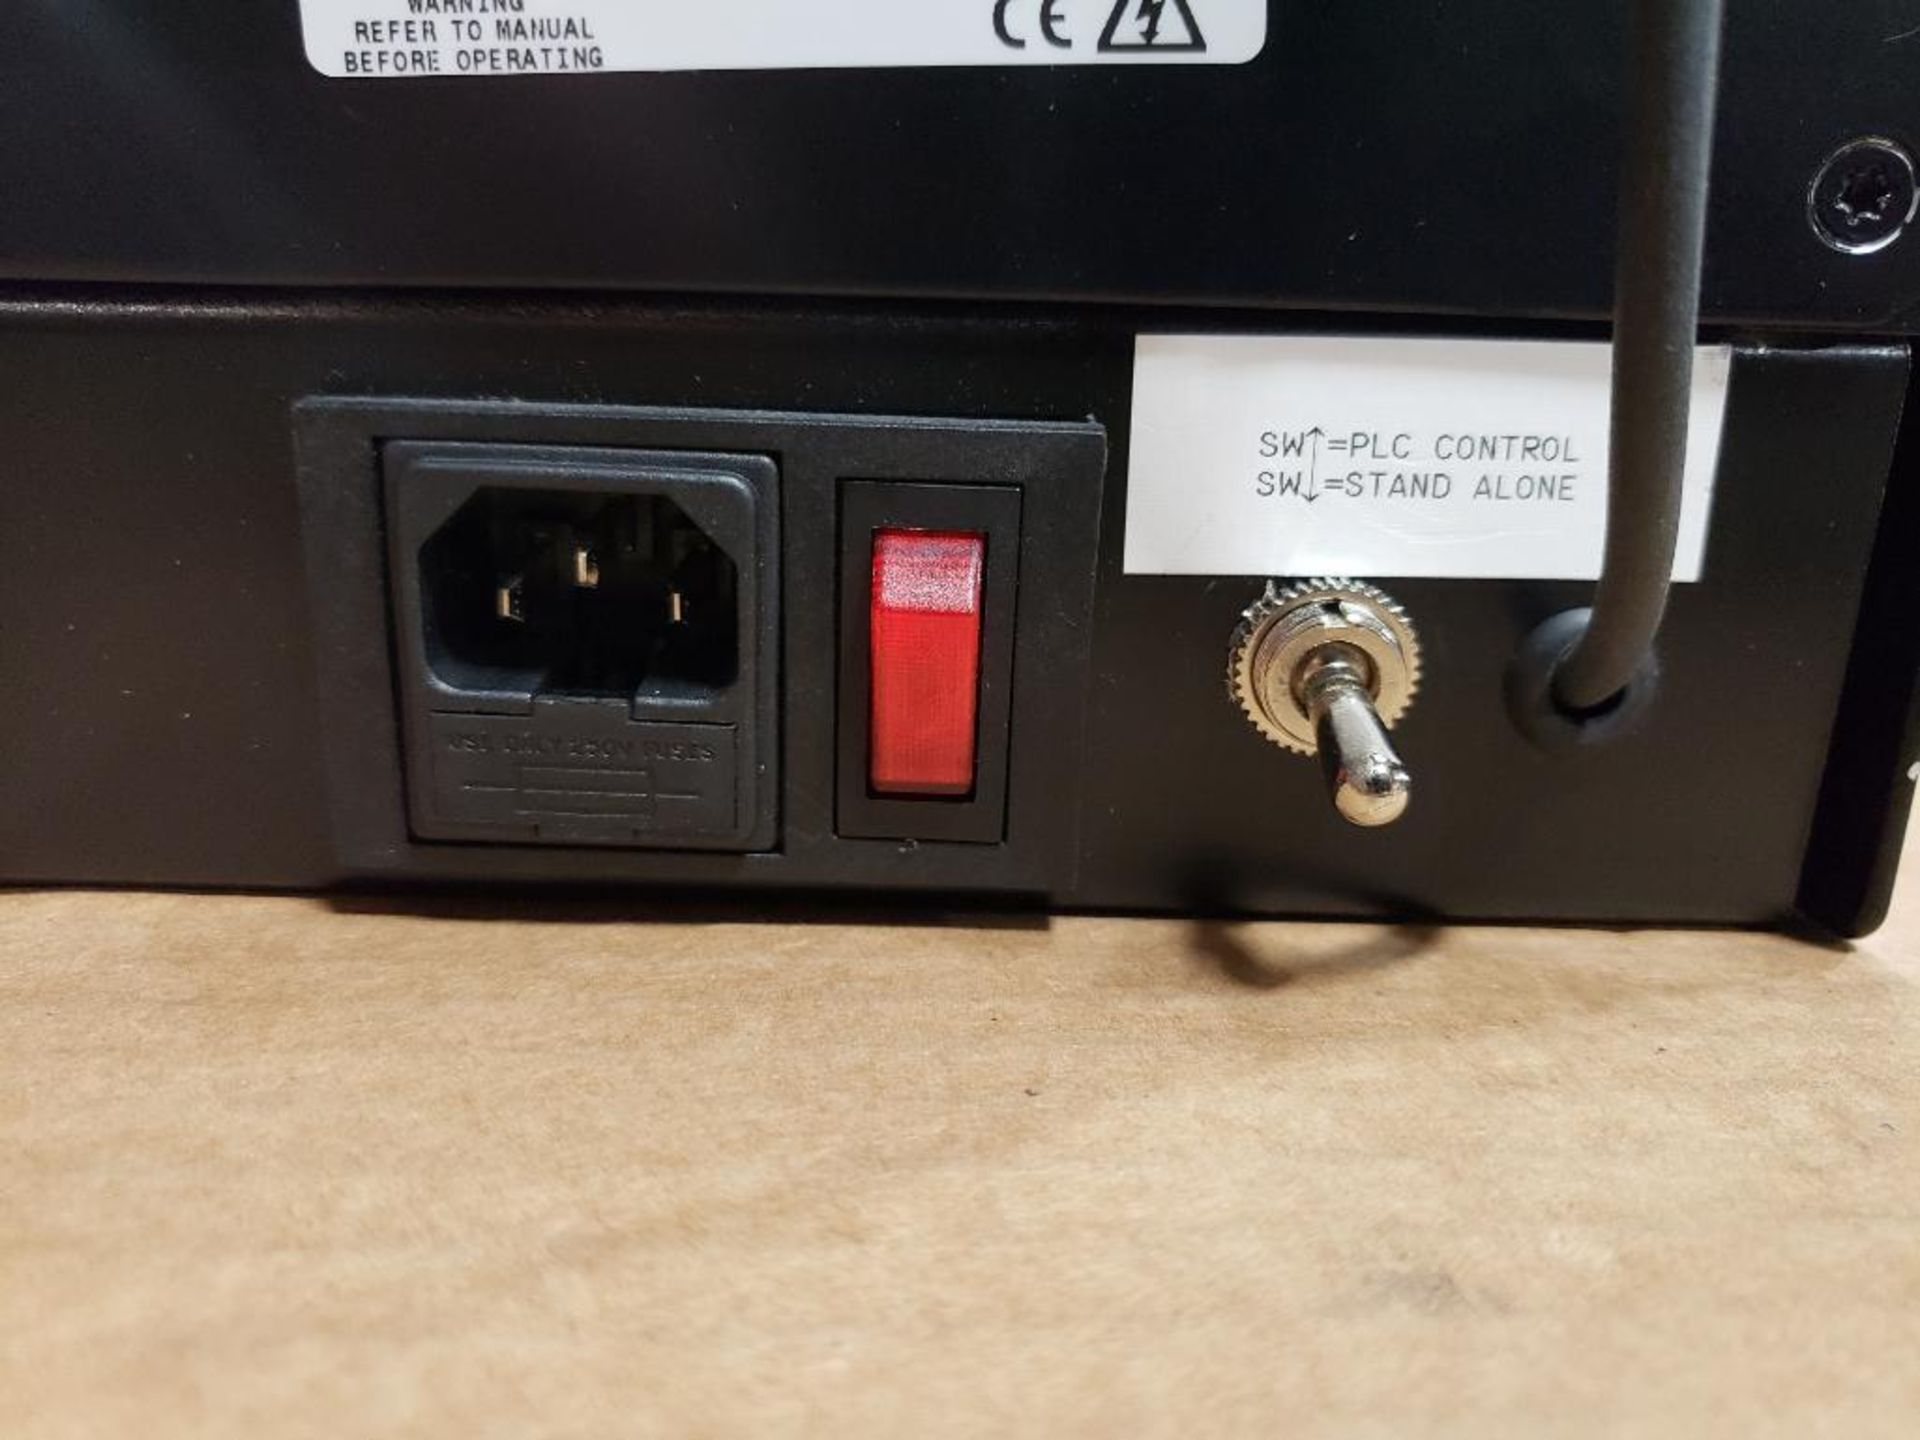 Travel test diagnostic Emerson drive unit. Emerson control Techniques DCM700. Unidrive M701. - Image 17 of 21